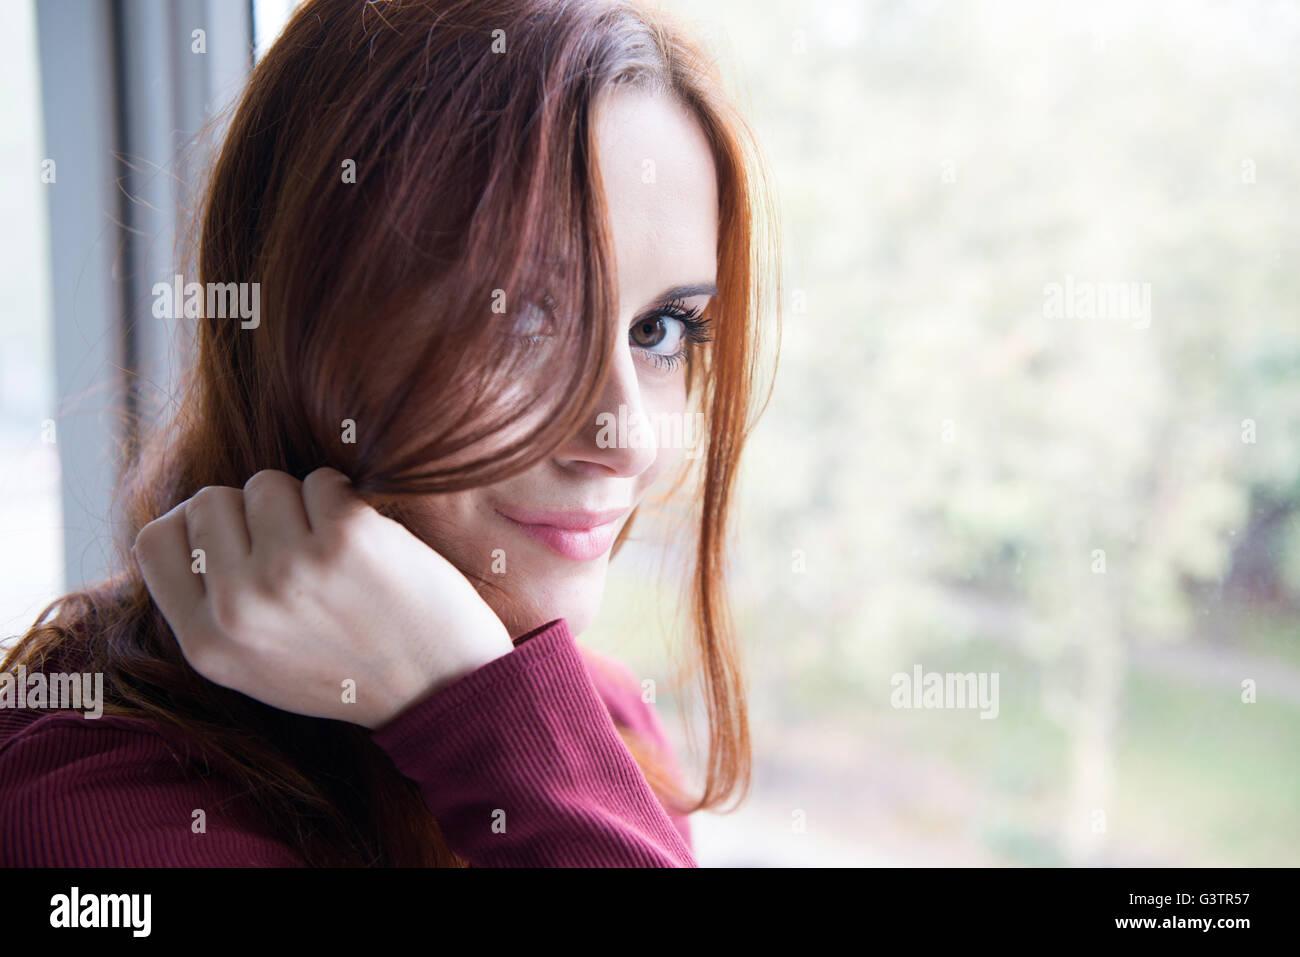 Porträt von einer attraktiven jungen Frau, die ein Fenster sitzen. Stockbild